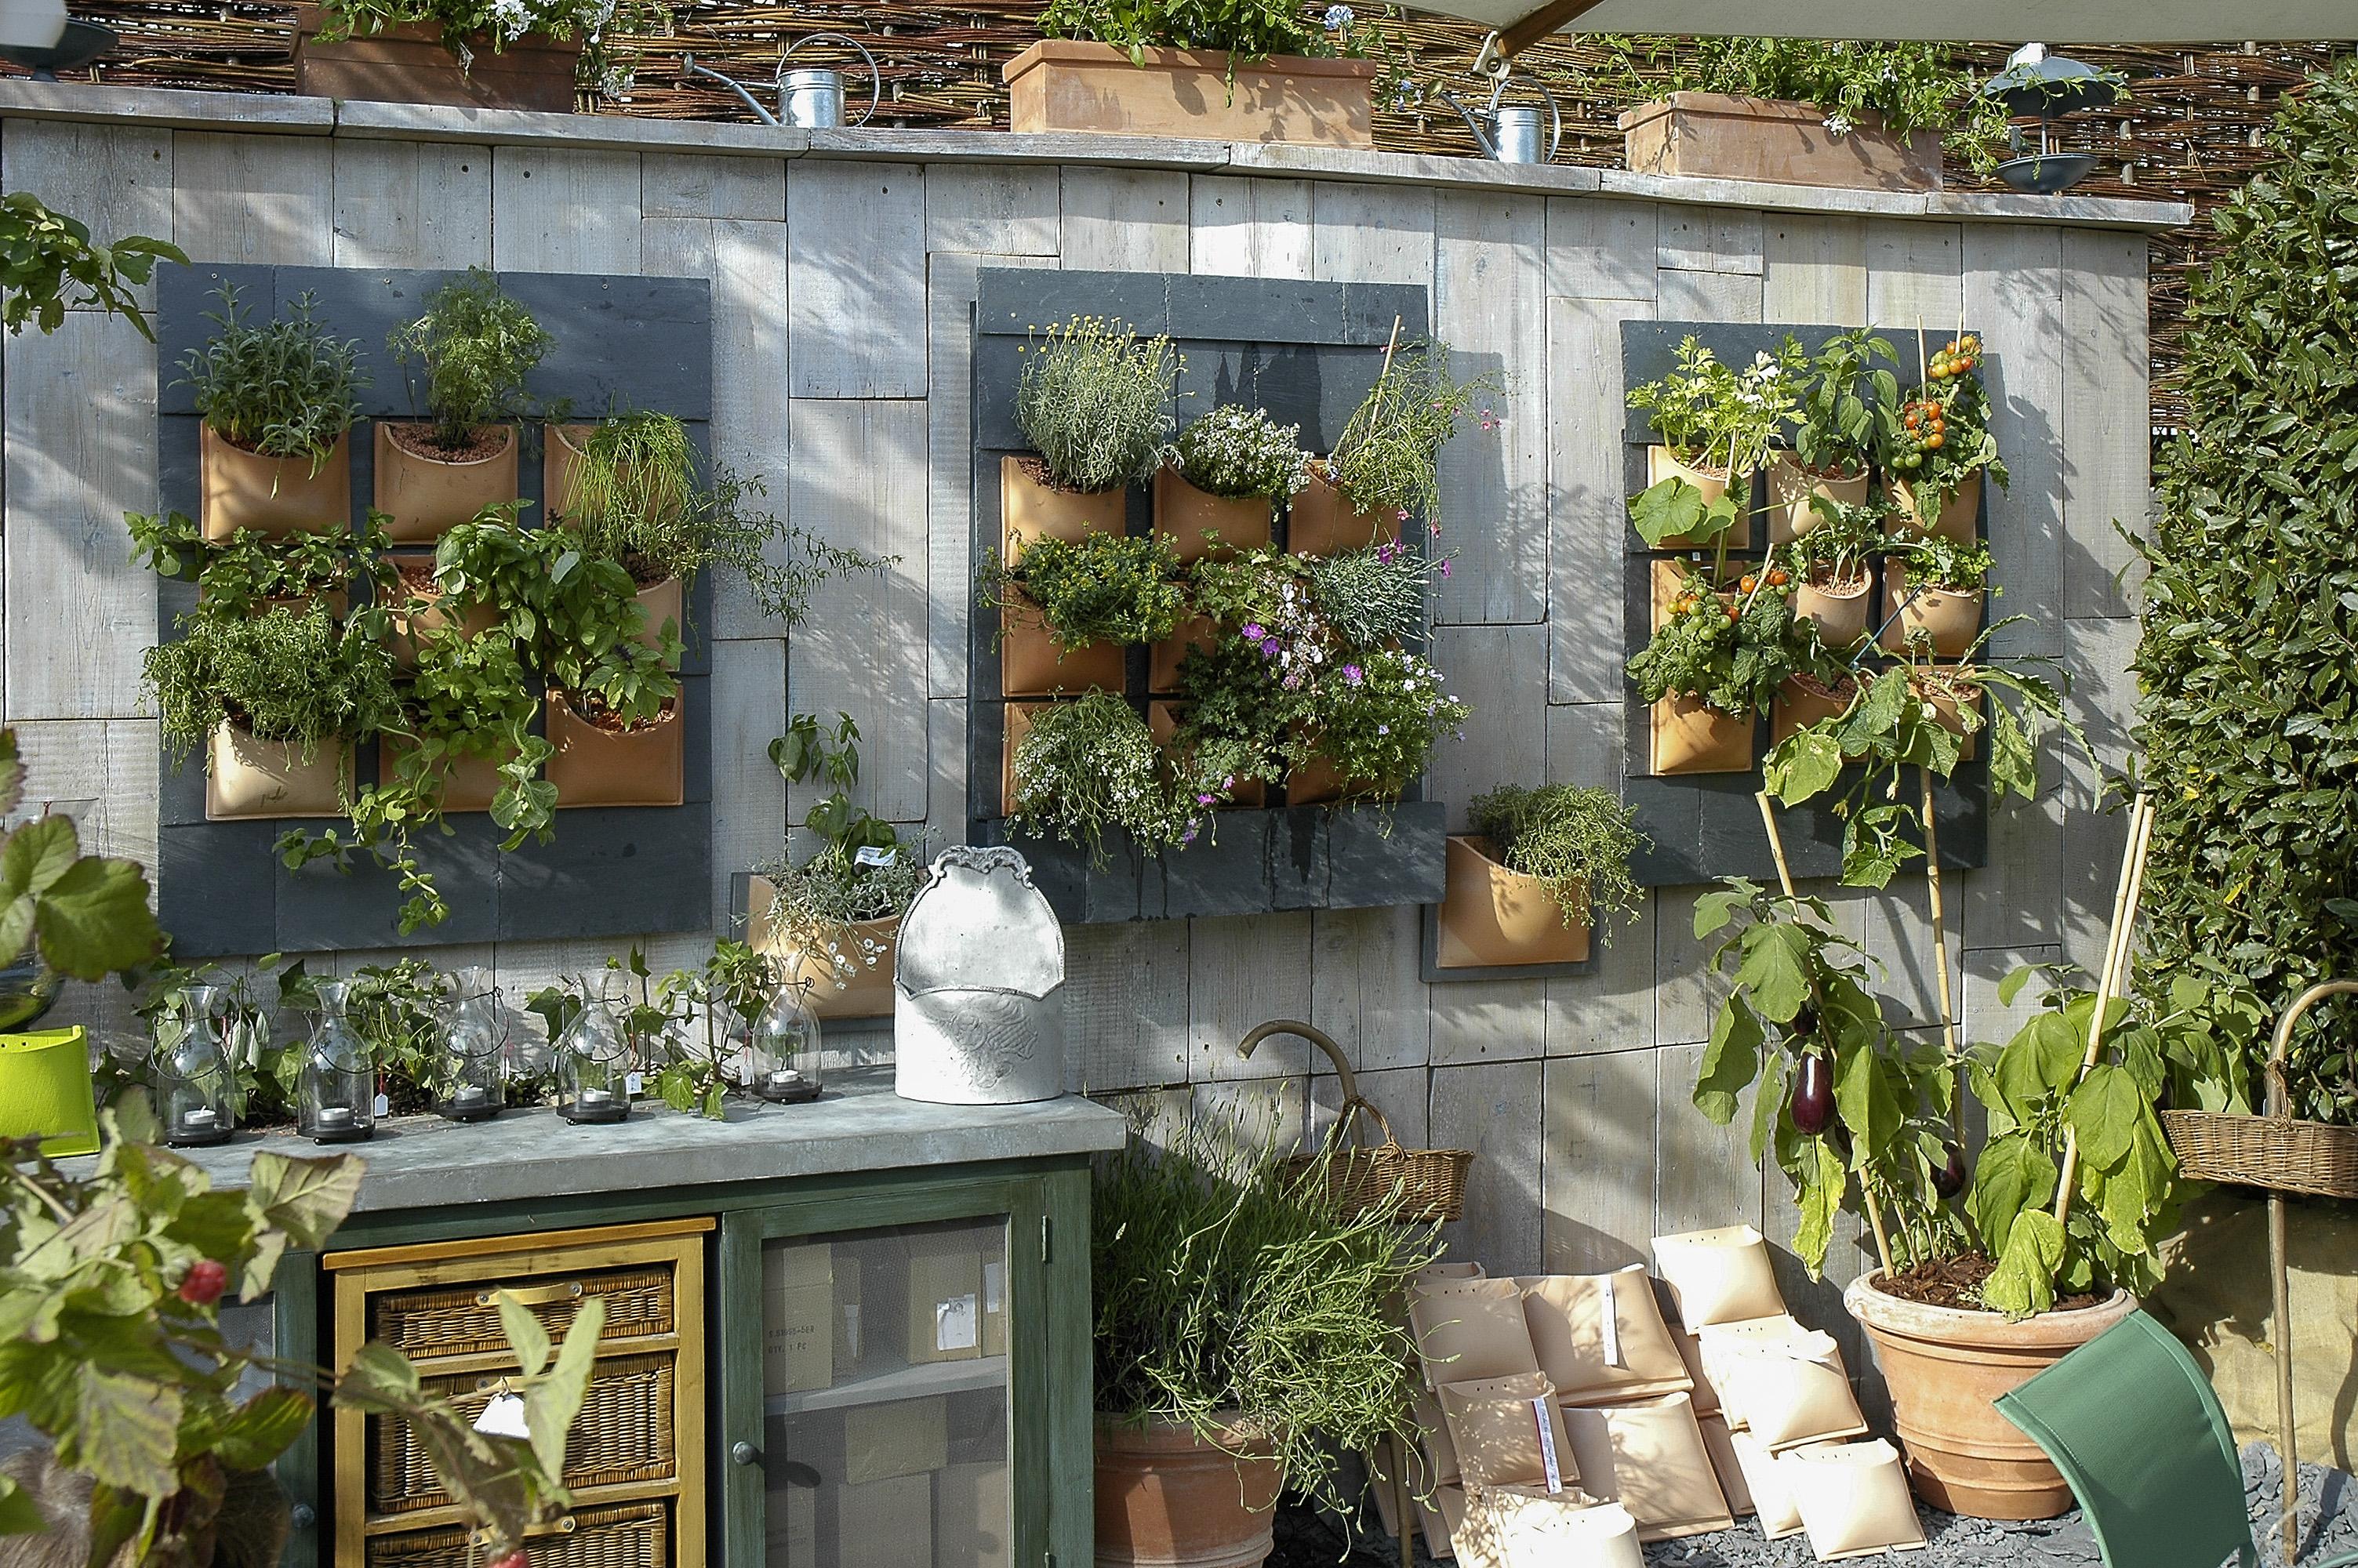 Se lleva el huerto de flor en flor blogs el pa s for Antorchas para jardin caseras